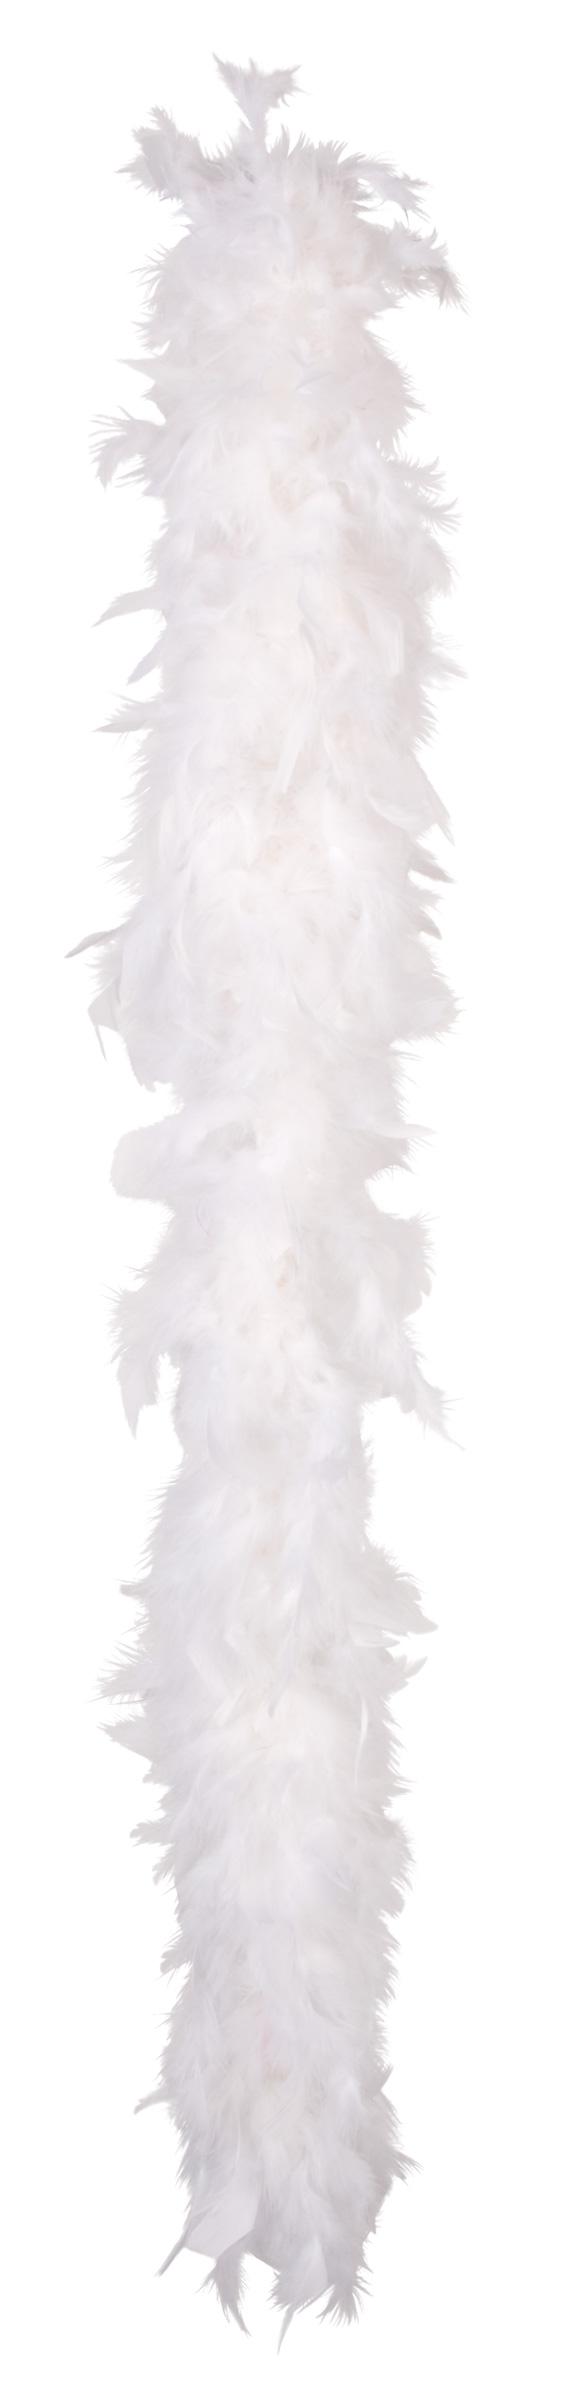 Boa blanc 50 g